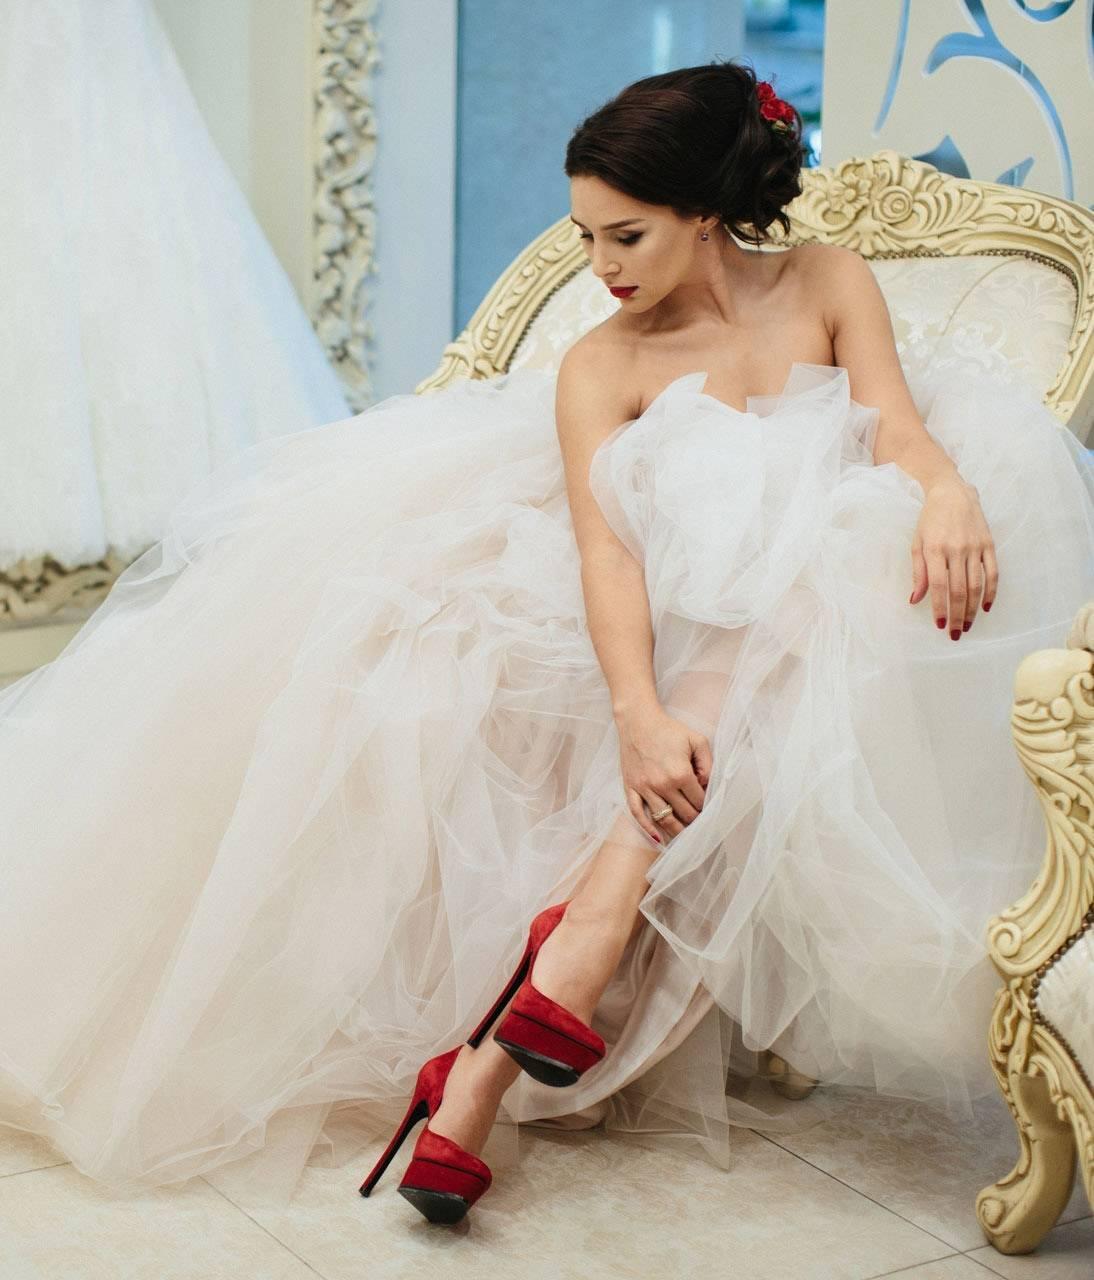 Свадебные туфли. 145 фотографий модной обуви для невесты.